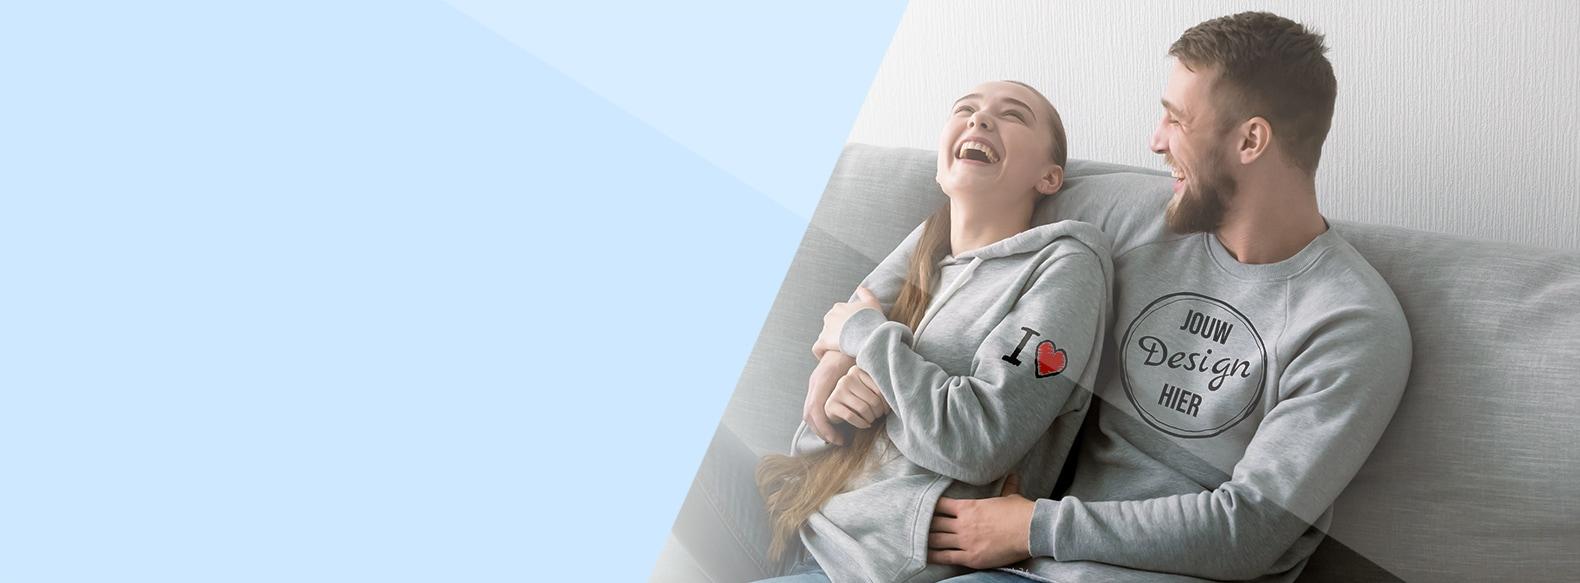 Koppel in hoodies met eigen ontwerp zitten in de sofa